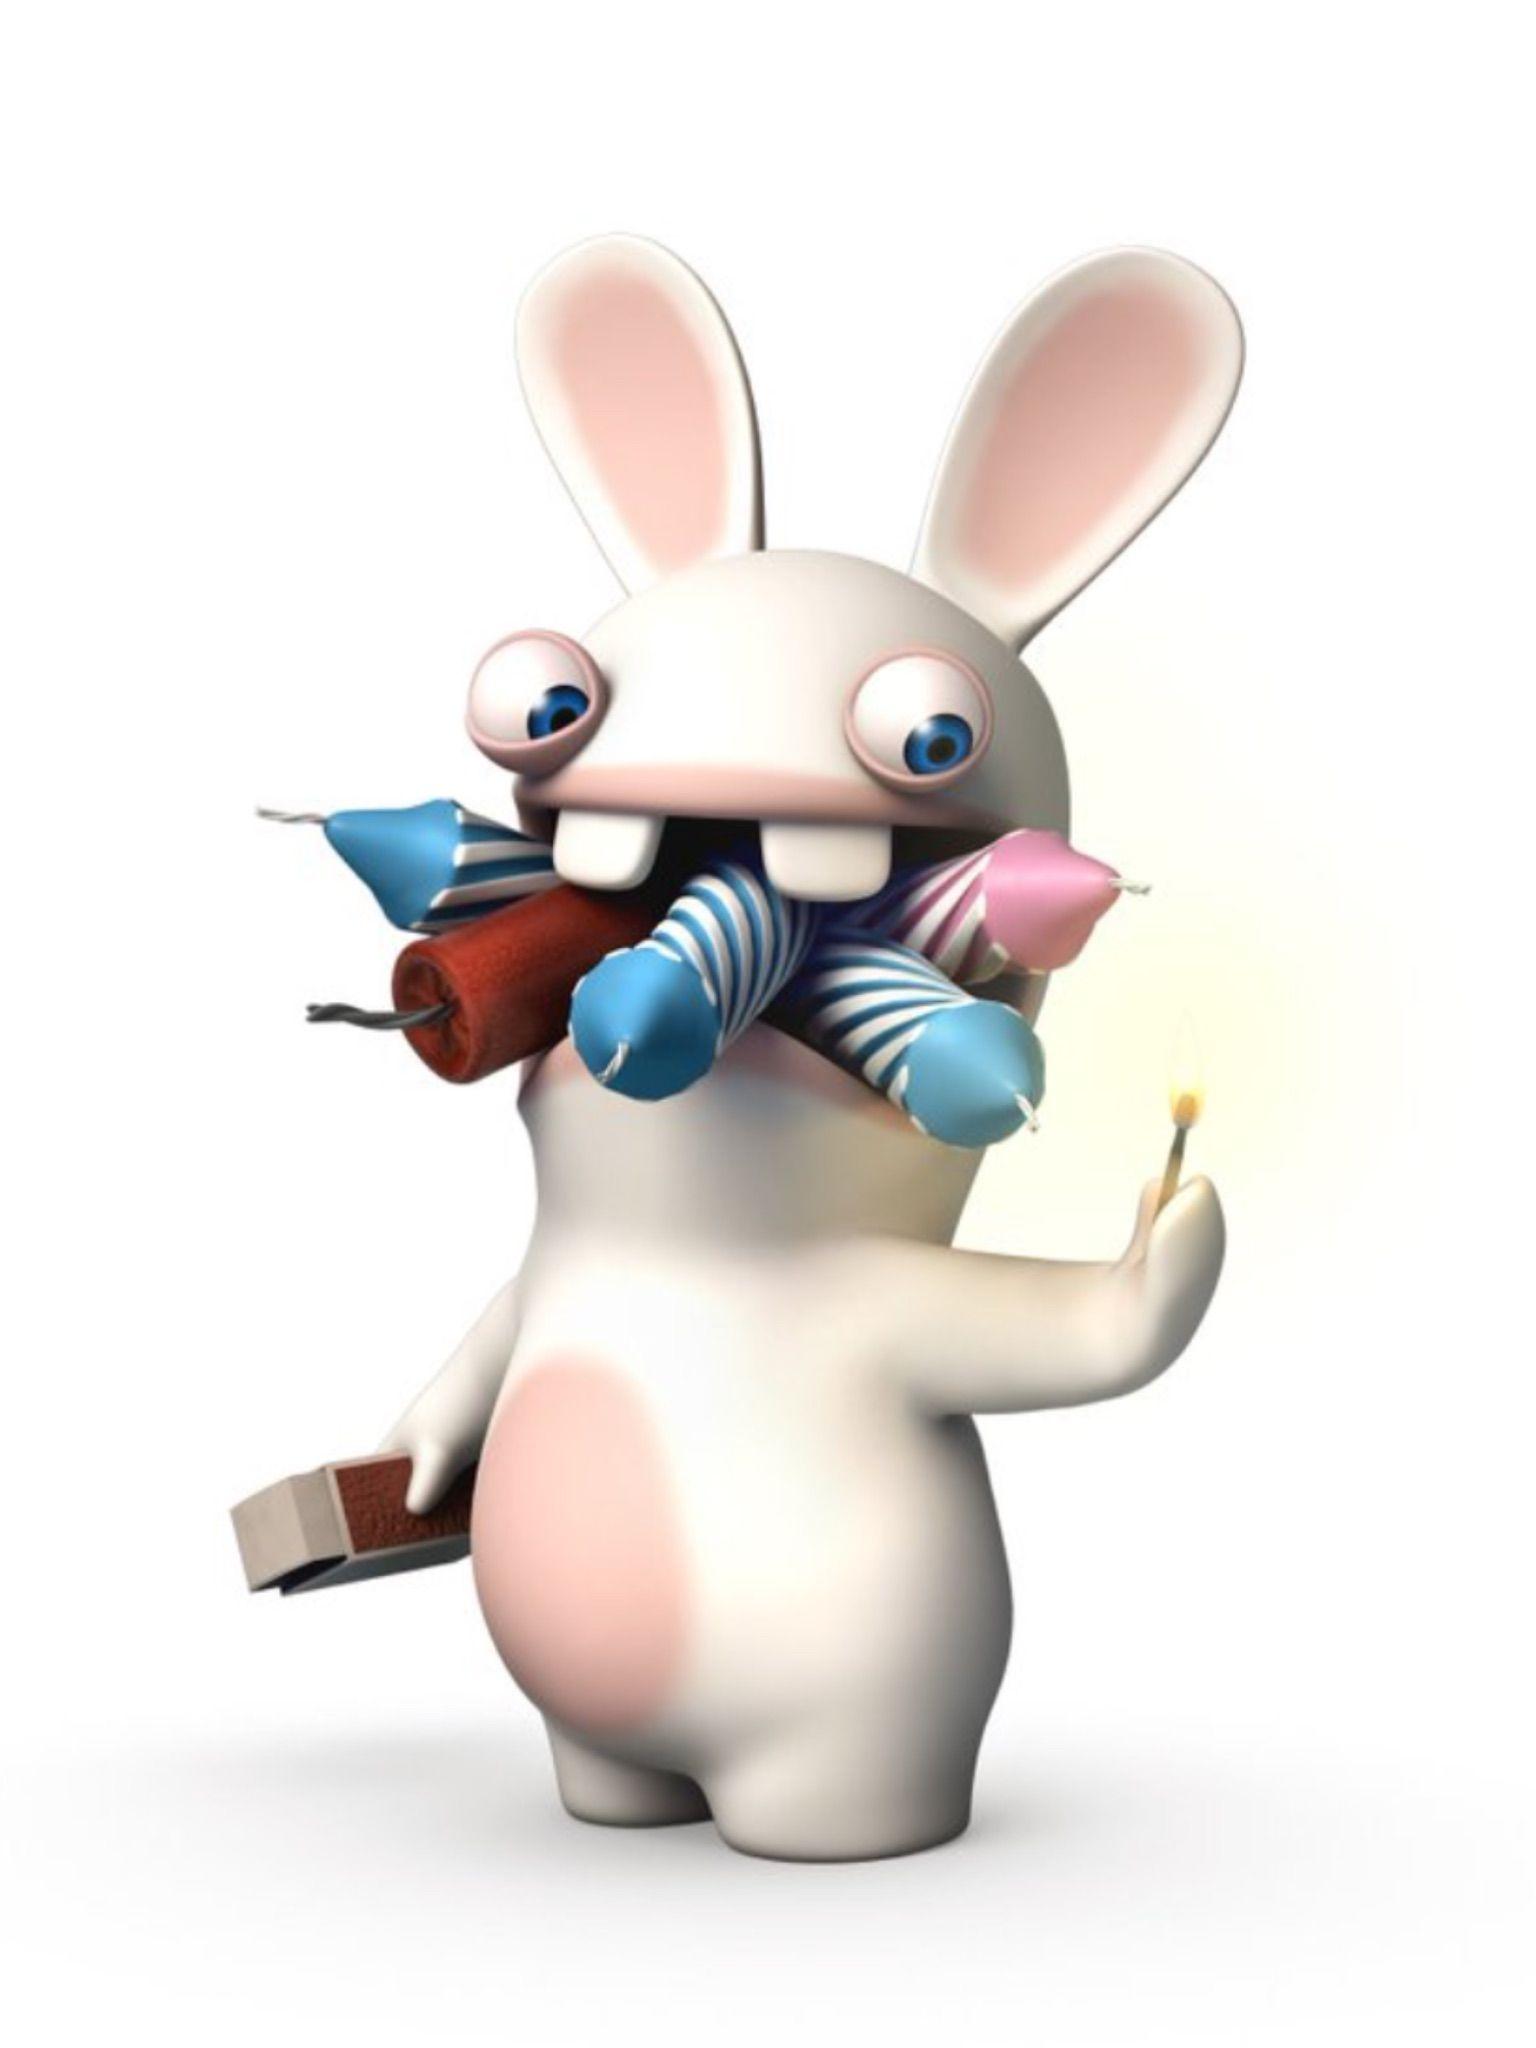 Смешные картинки бешеные кролики